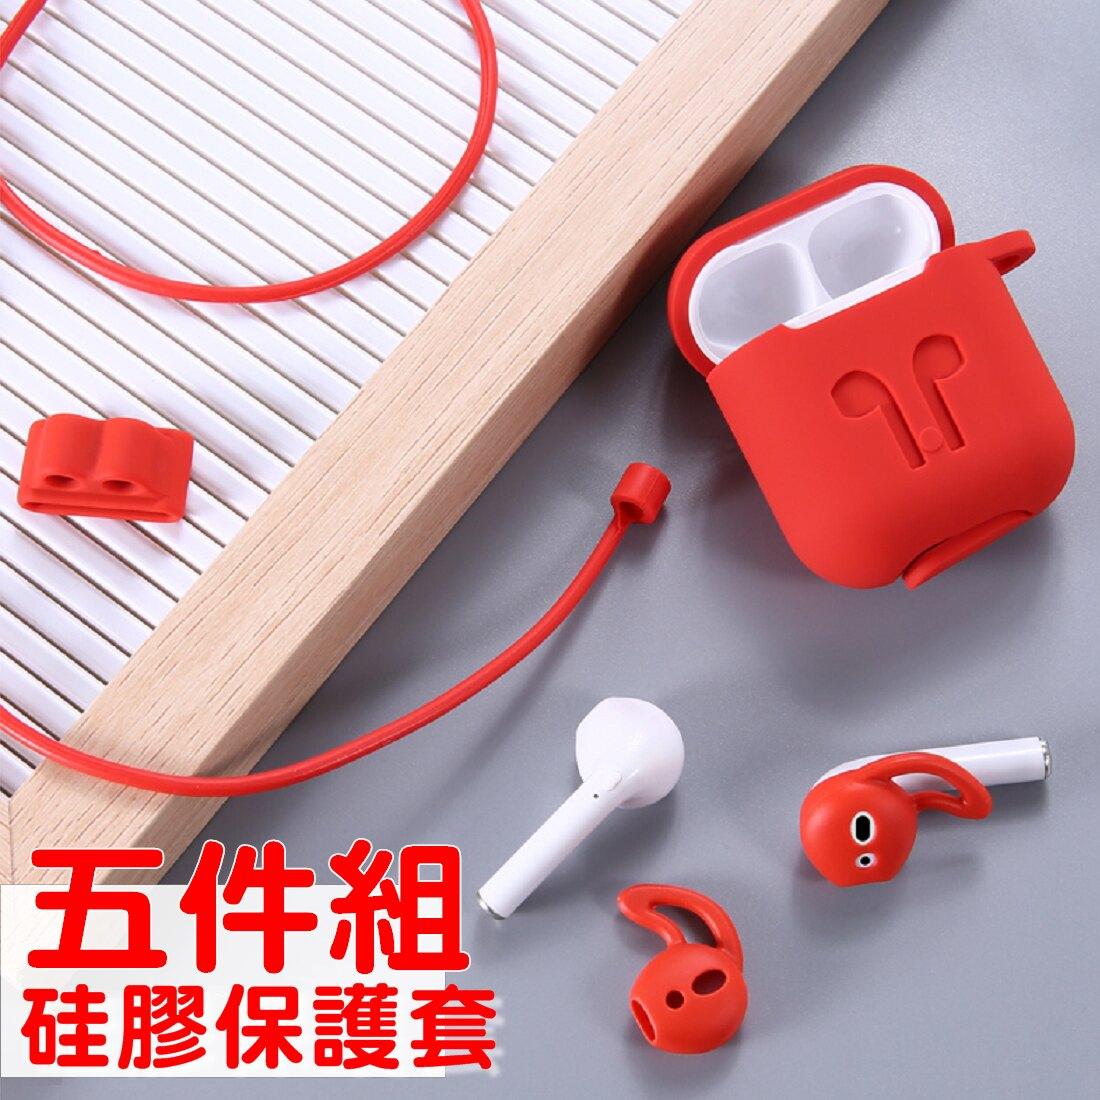 Apple Airpods 2代 藍芽耳機 保護套 保護殼 全包覆 硅膠防髒可水洗 防摔殼 頸掛繩 防丟錶套 五件配件組